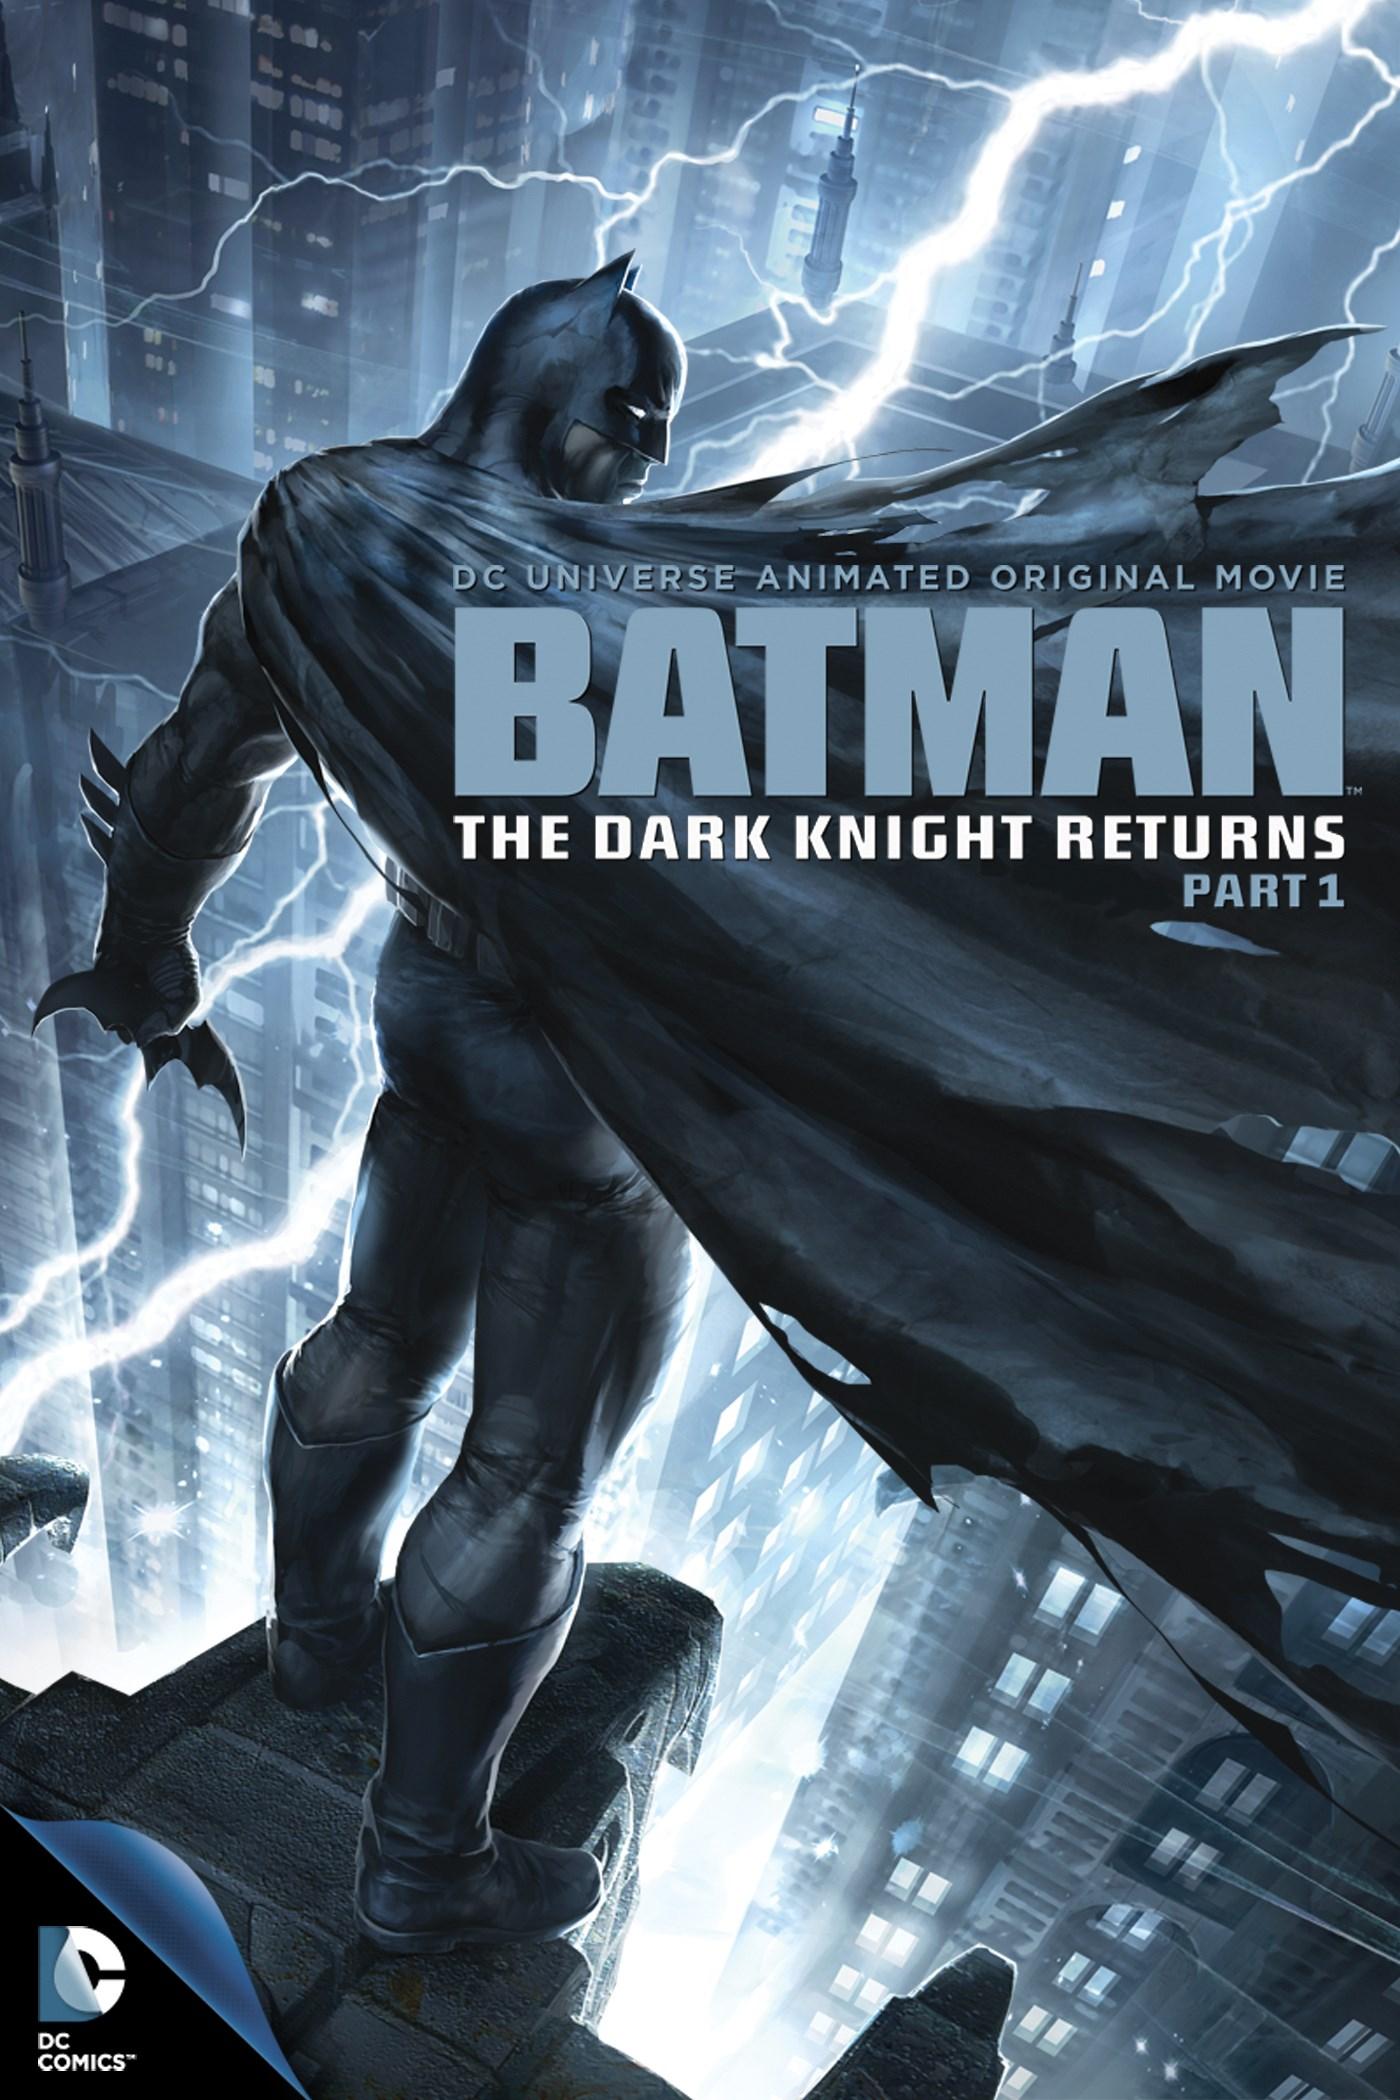 The dark knight 2017 dvdrip axxo subtitles danish